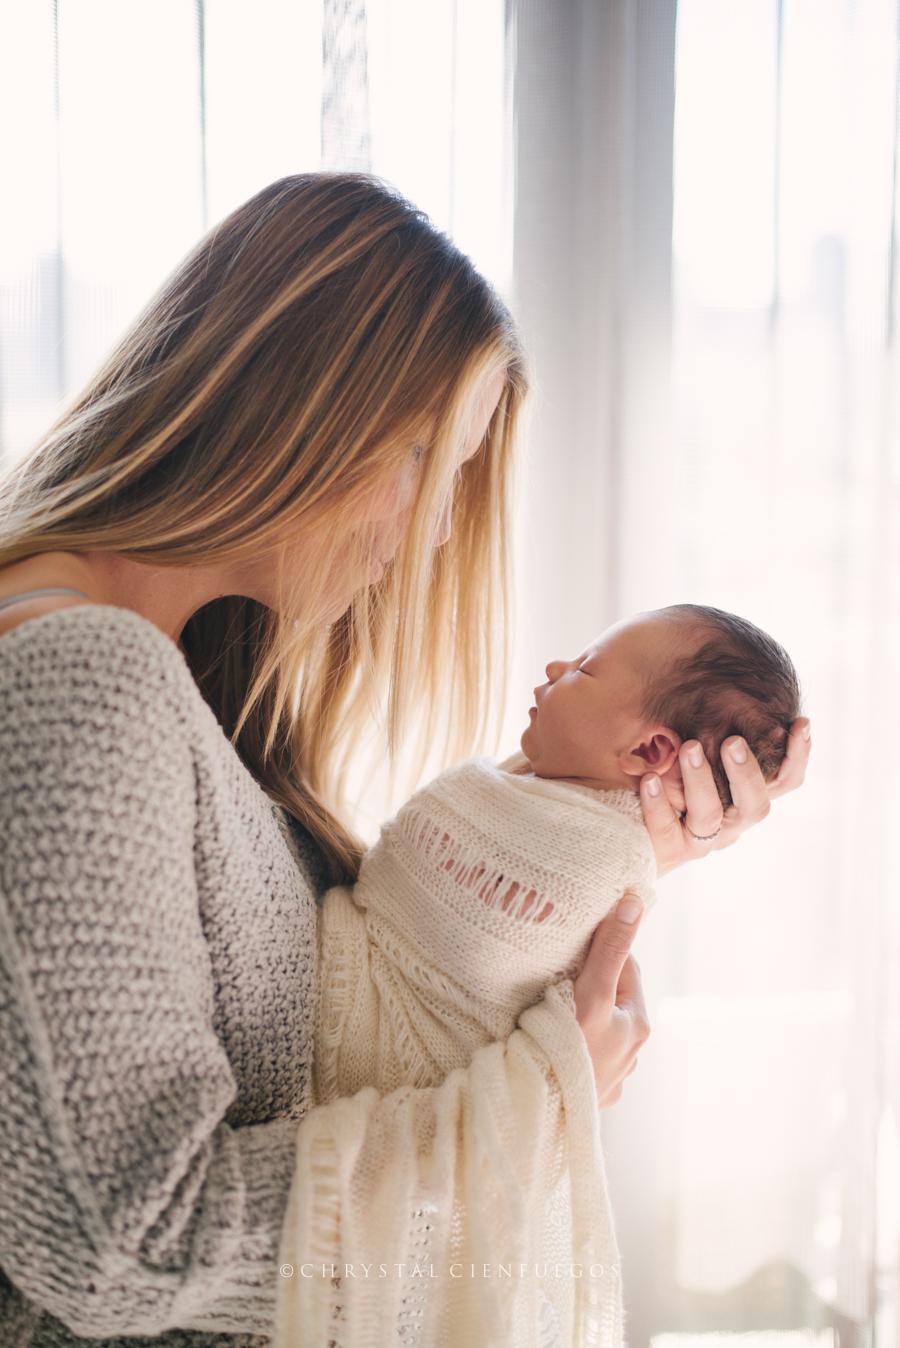 chrystal_cienfuegos_newborn-9.jpg